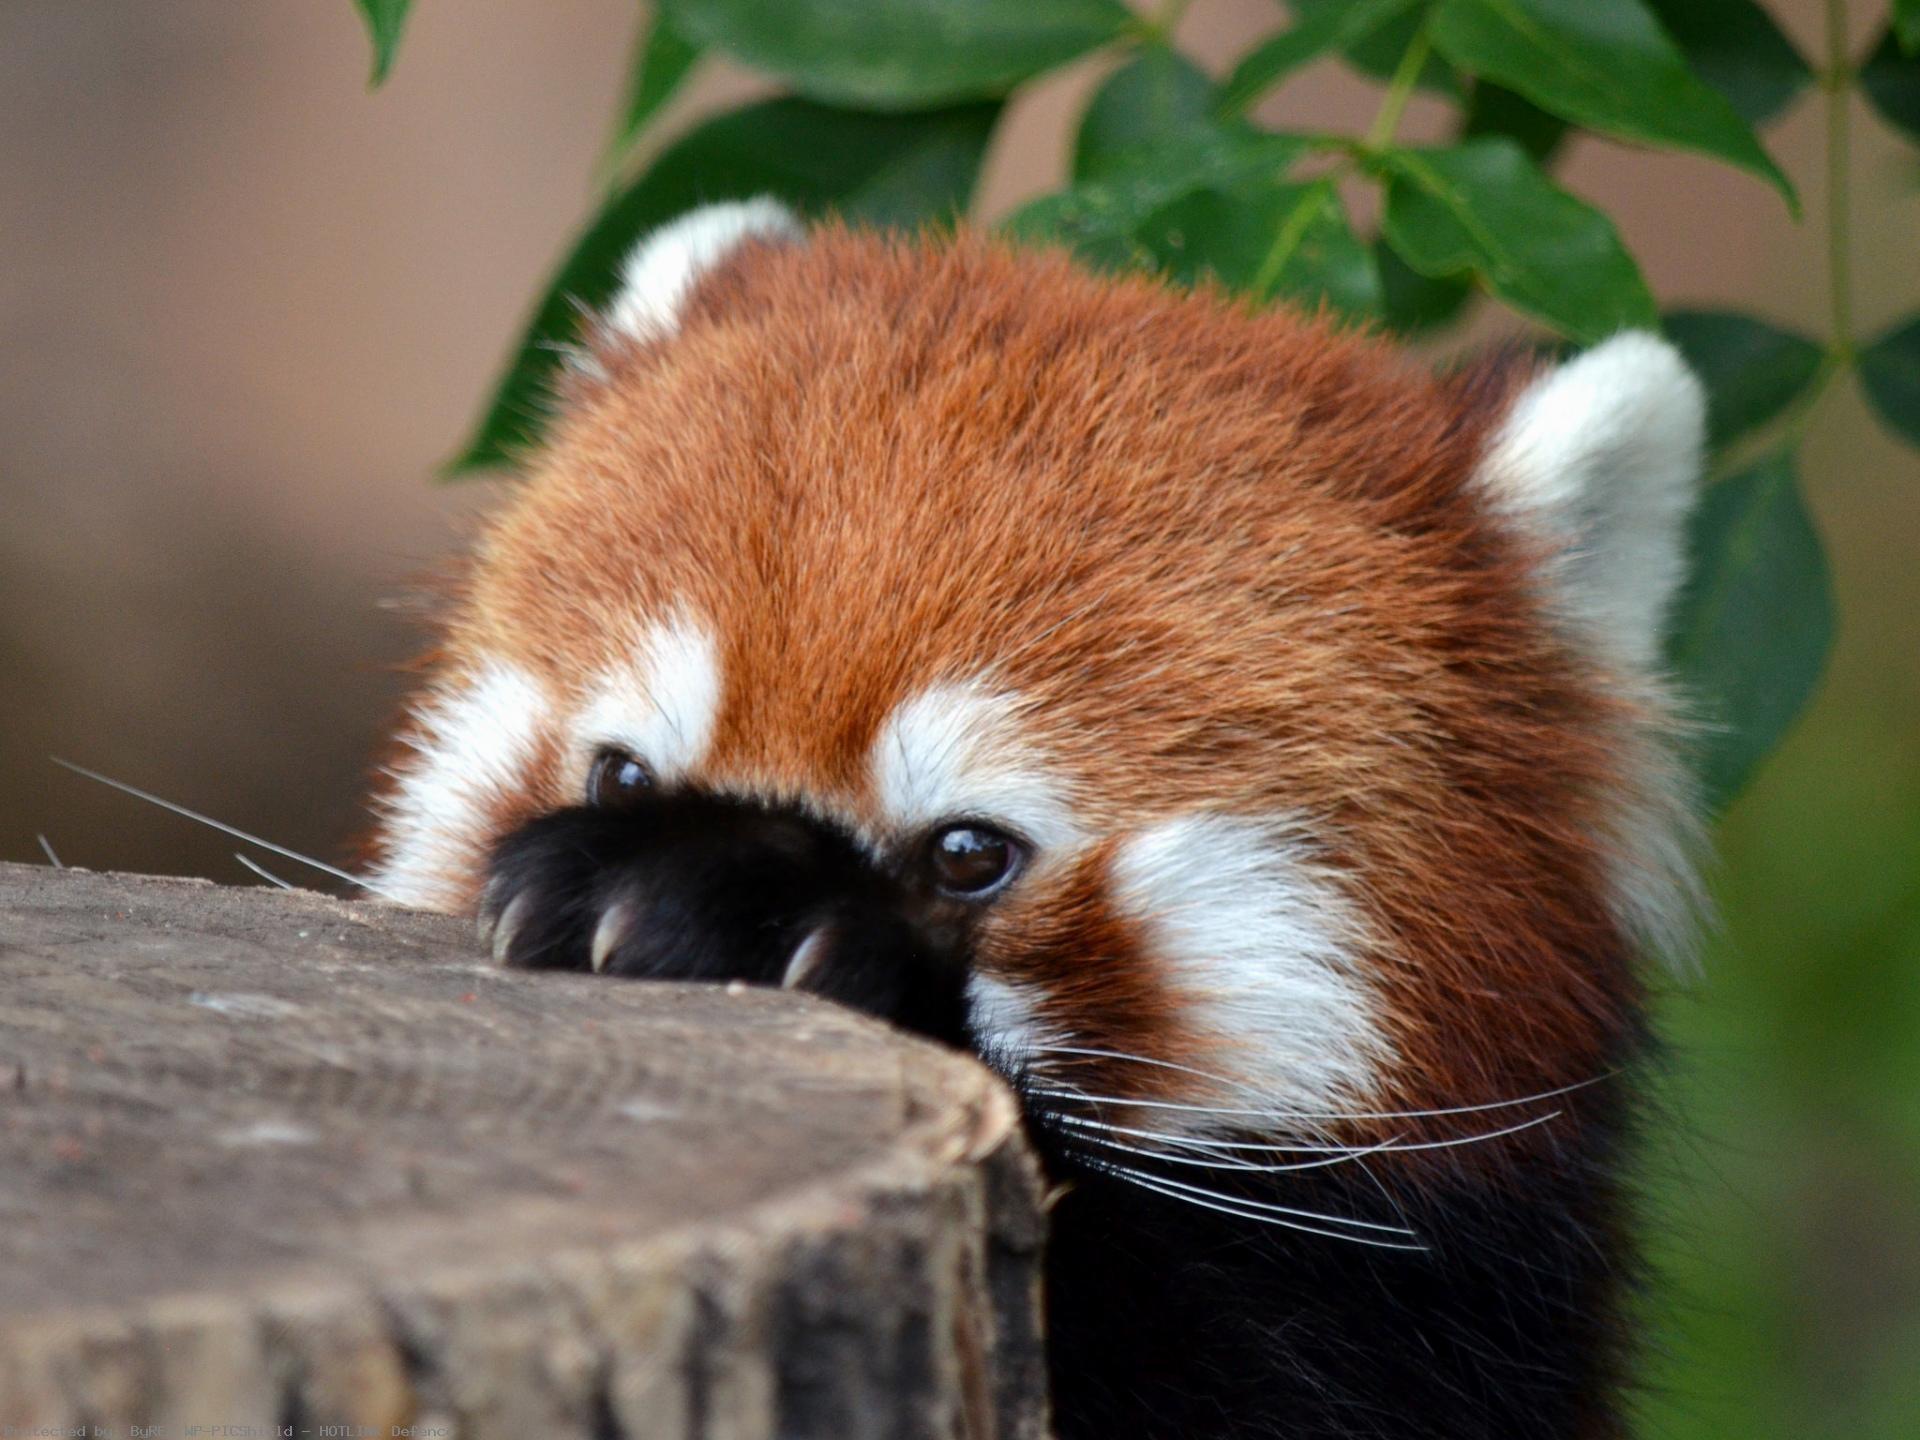 Animal-Red-Panda-wallpaper-wp4201881